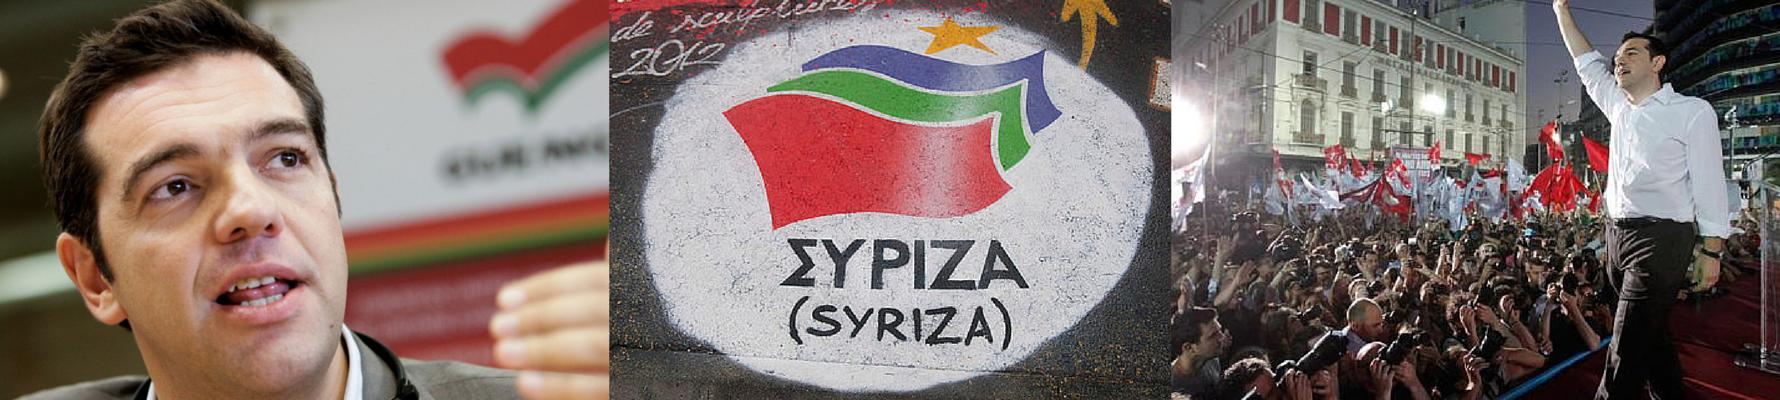 TSIPRAZ-SYRIZA